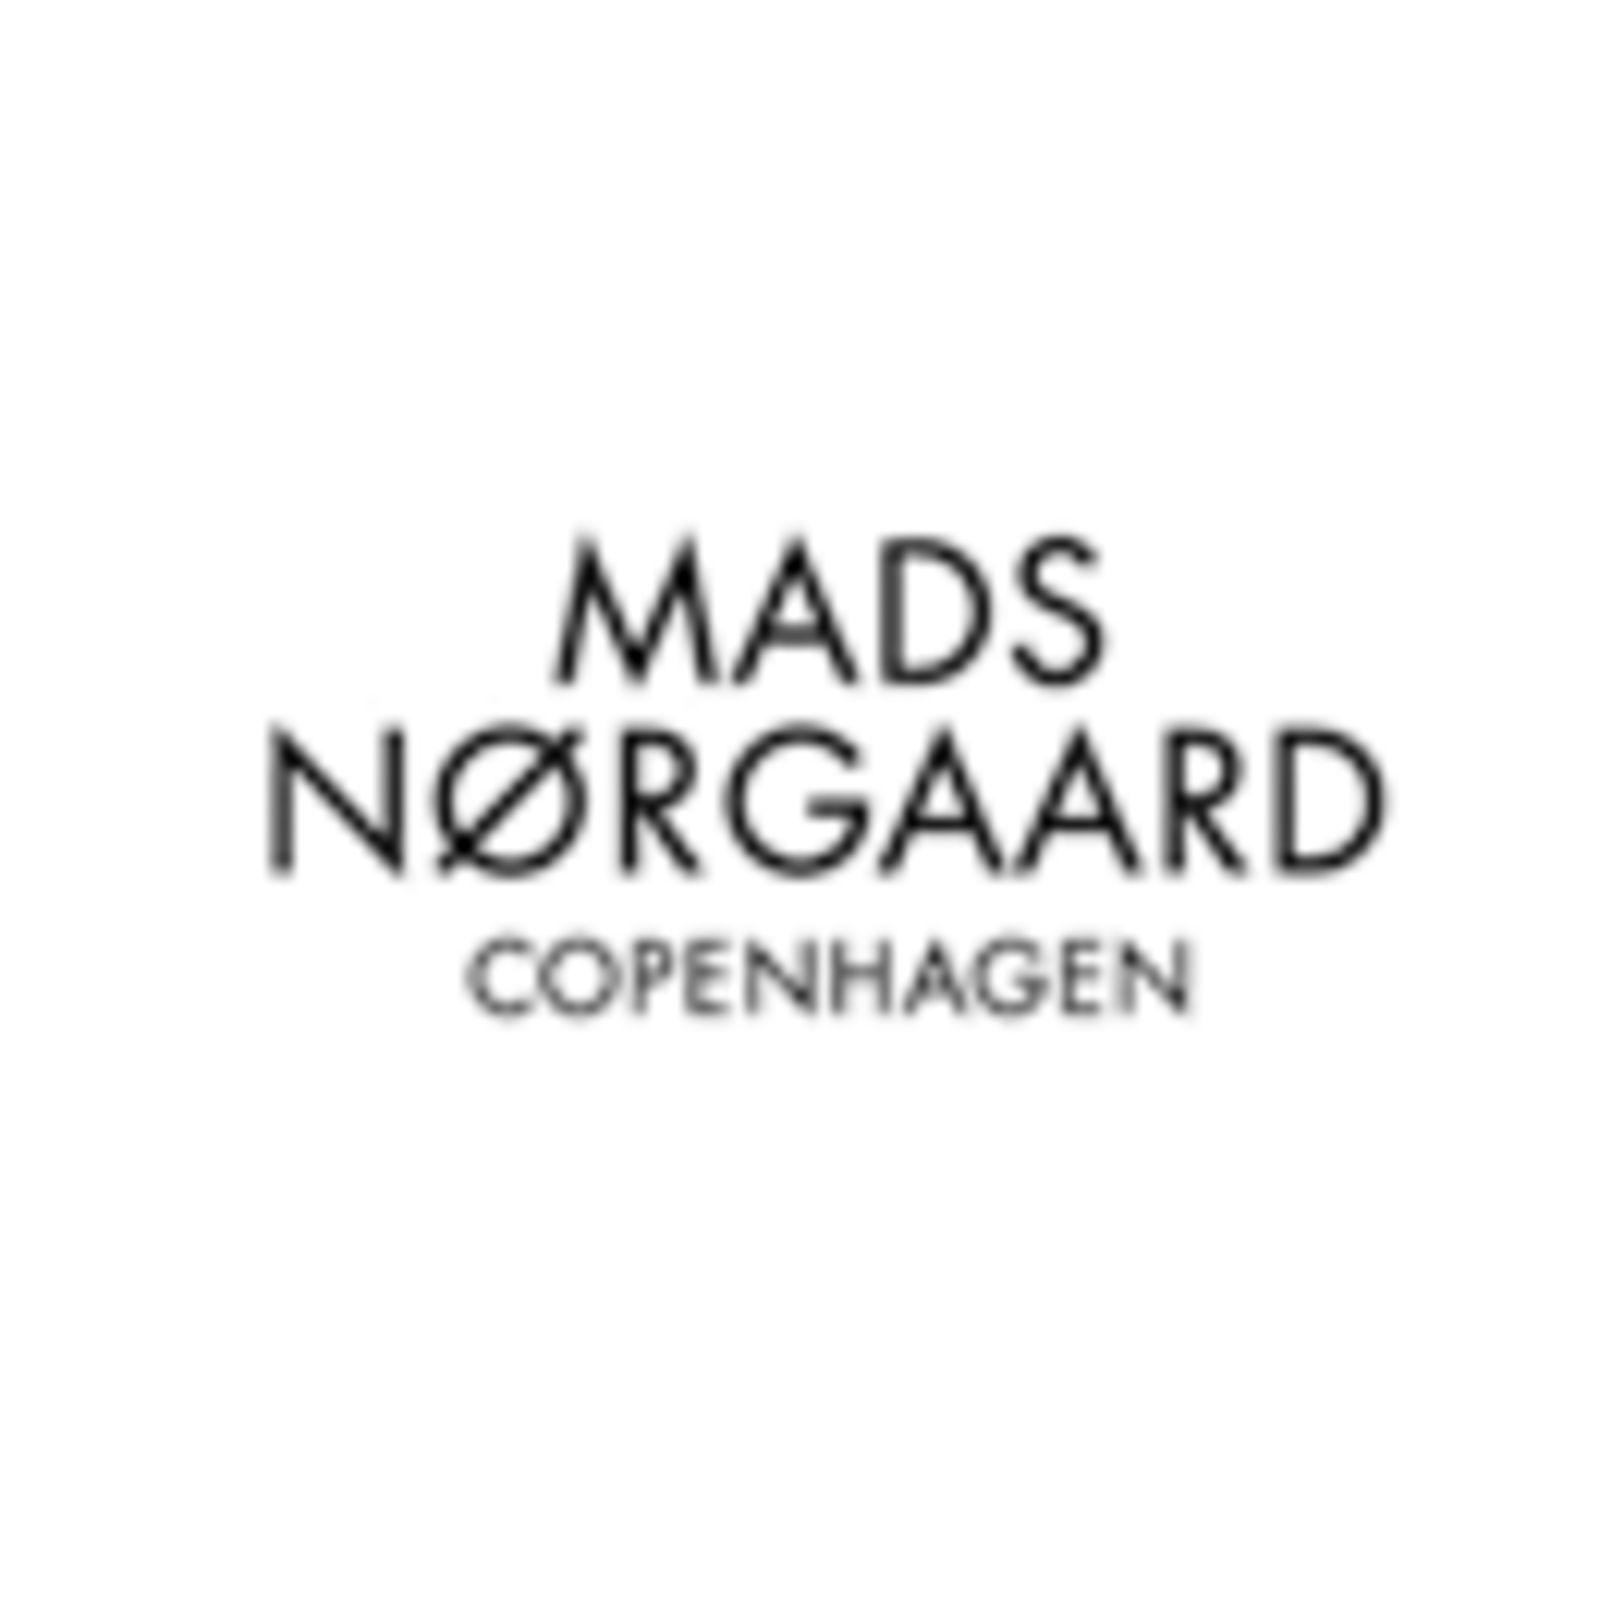 MADS NØRGAARD (Image 1)